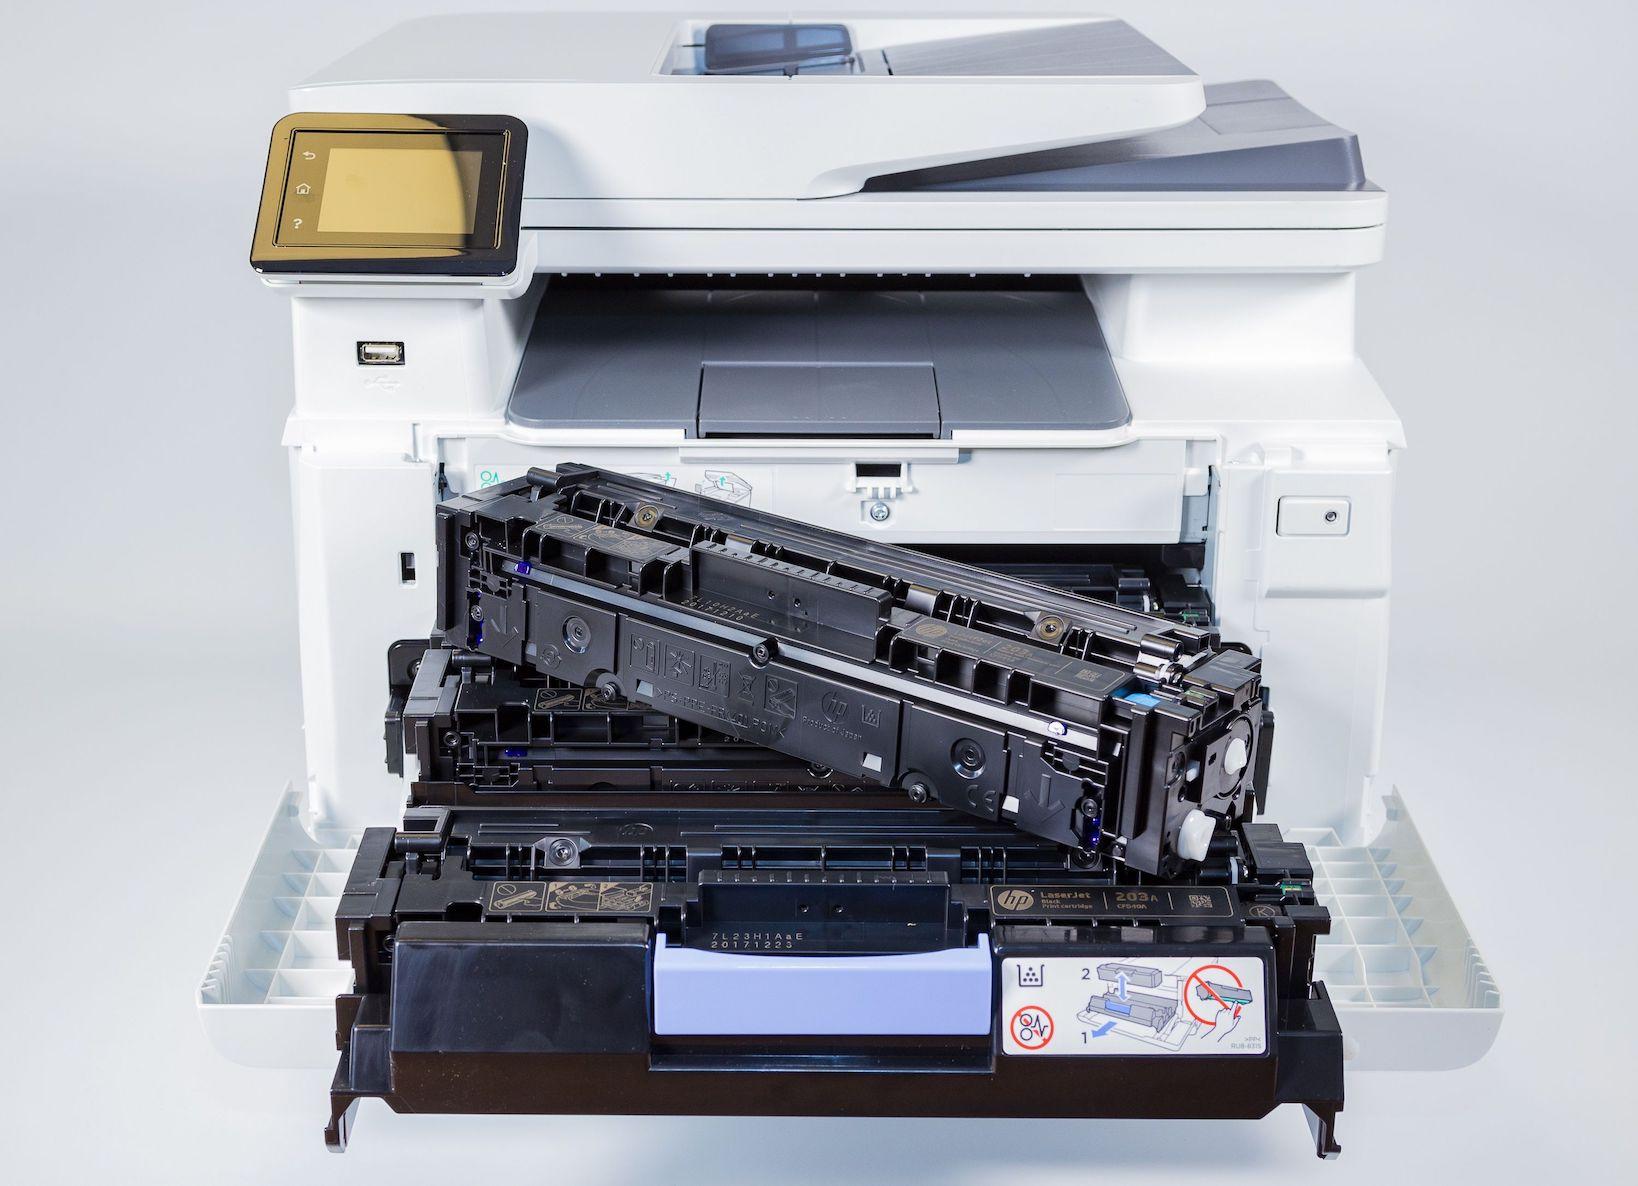 Laserdrucker geöffnet mit Tonerkartusche